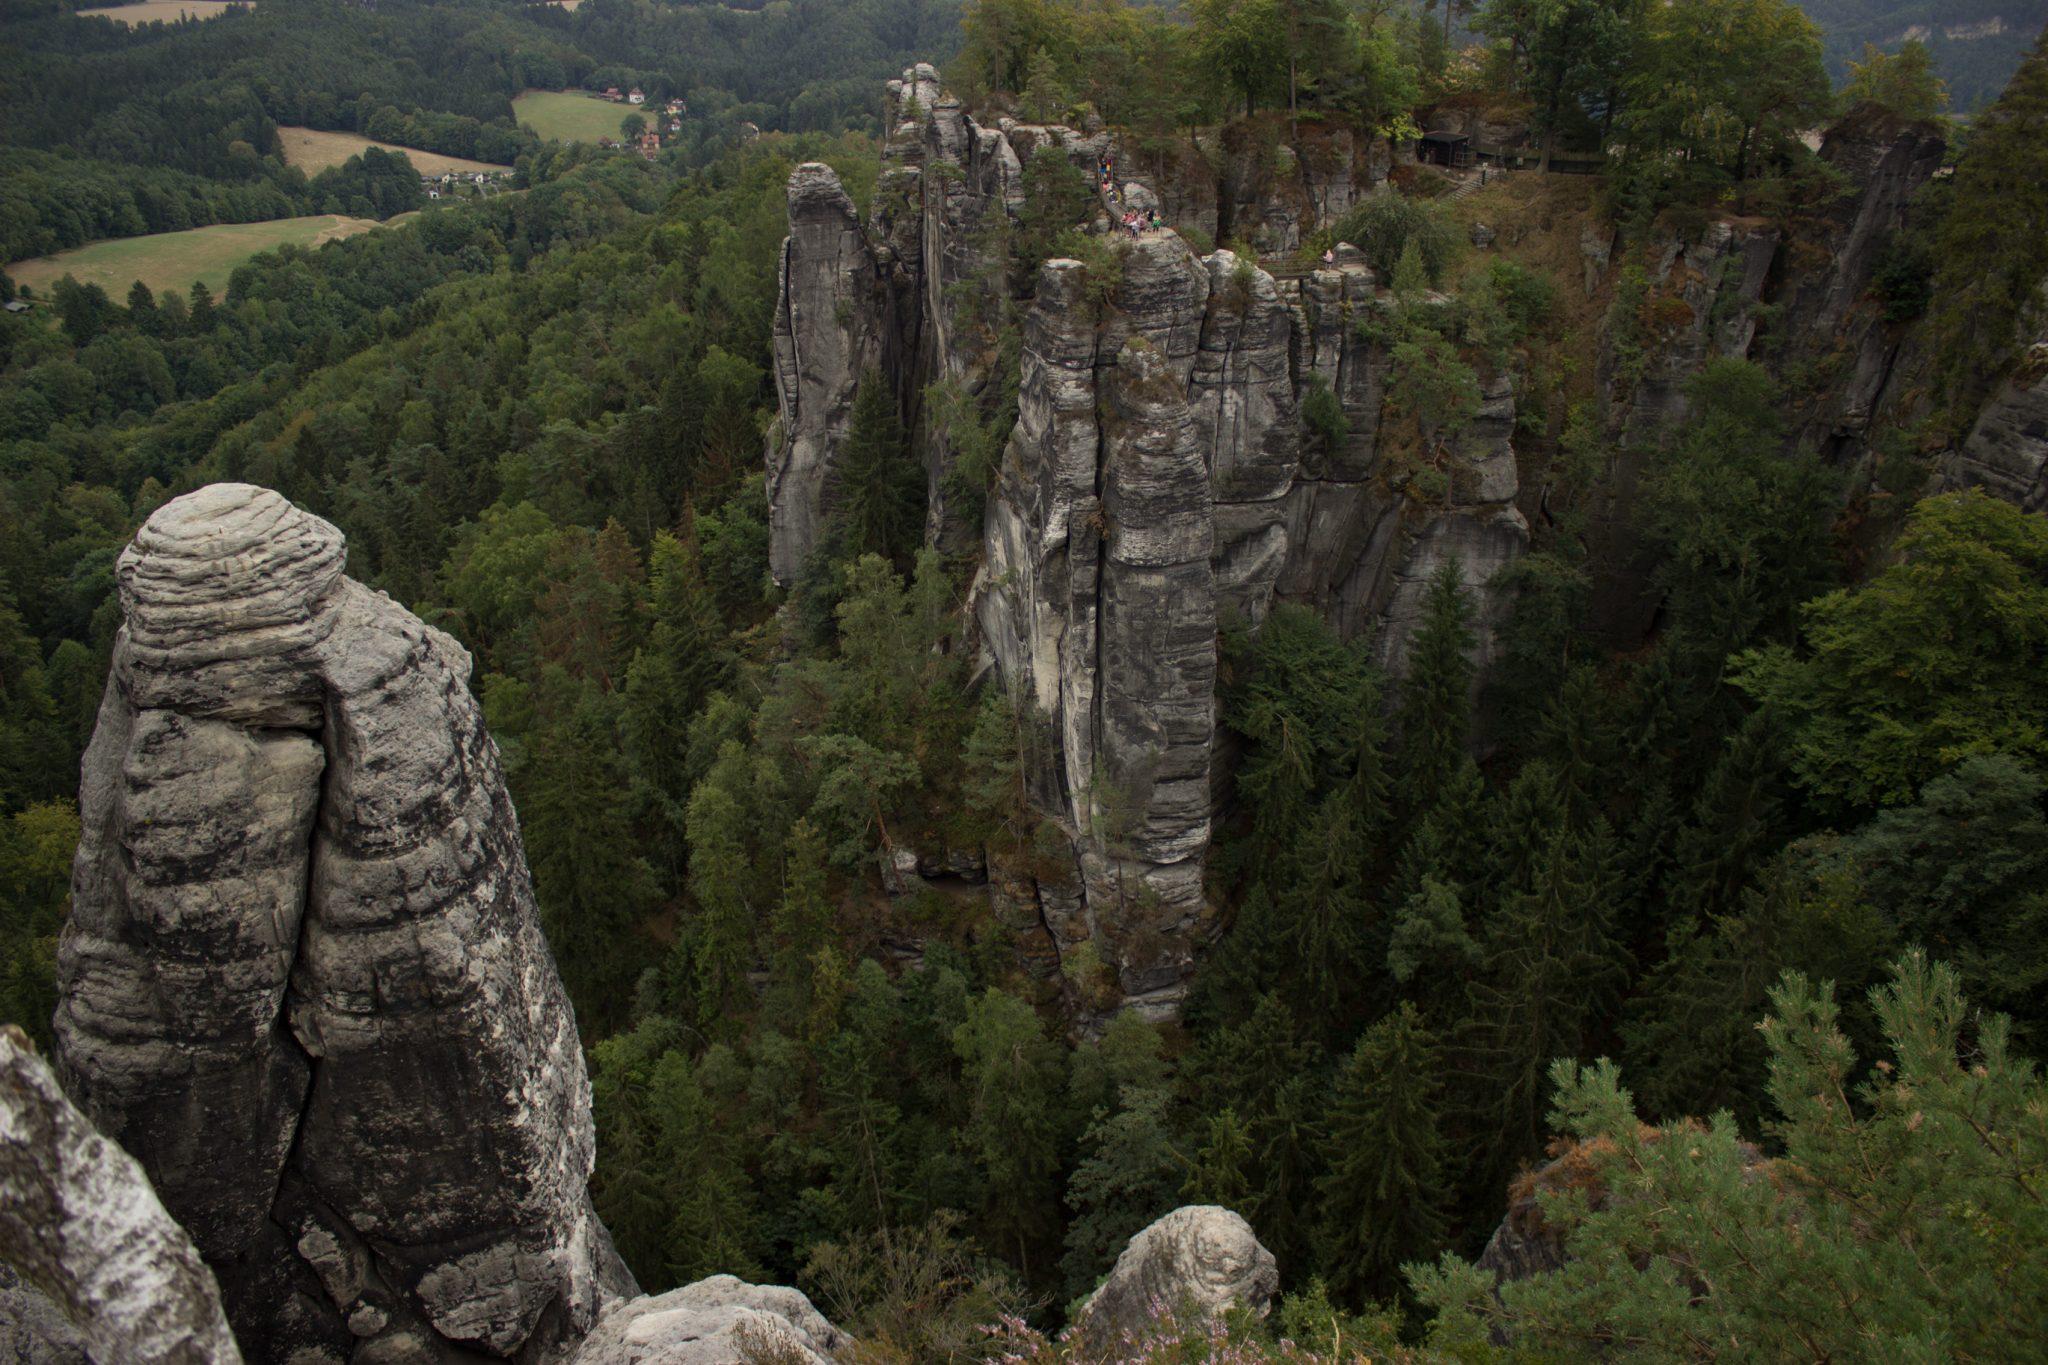 Wanderung durch Polenztal zur Bastei und zu Schwedenlöcher, Aussicht bei der Bastei, große Felsen und Wald